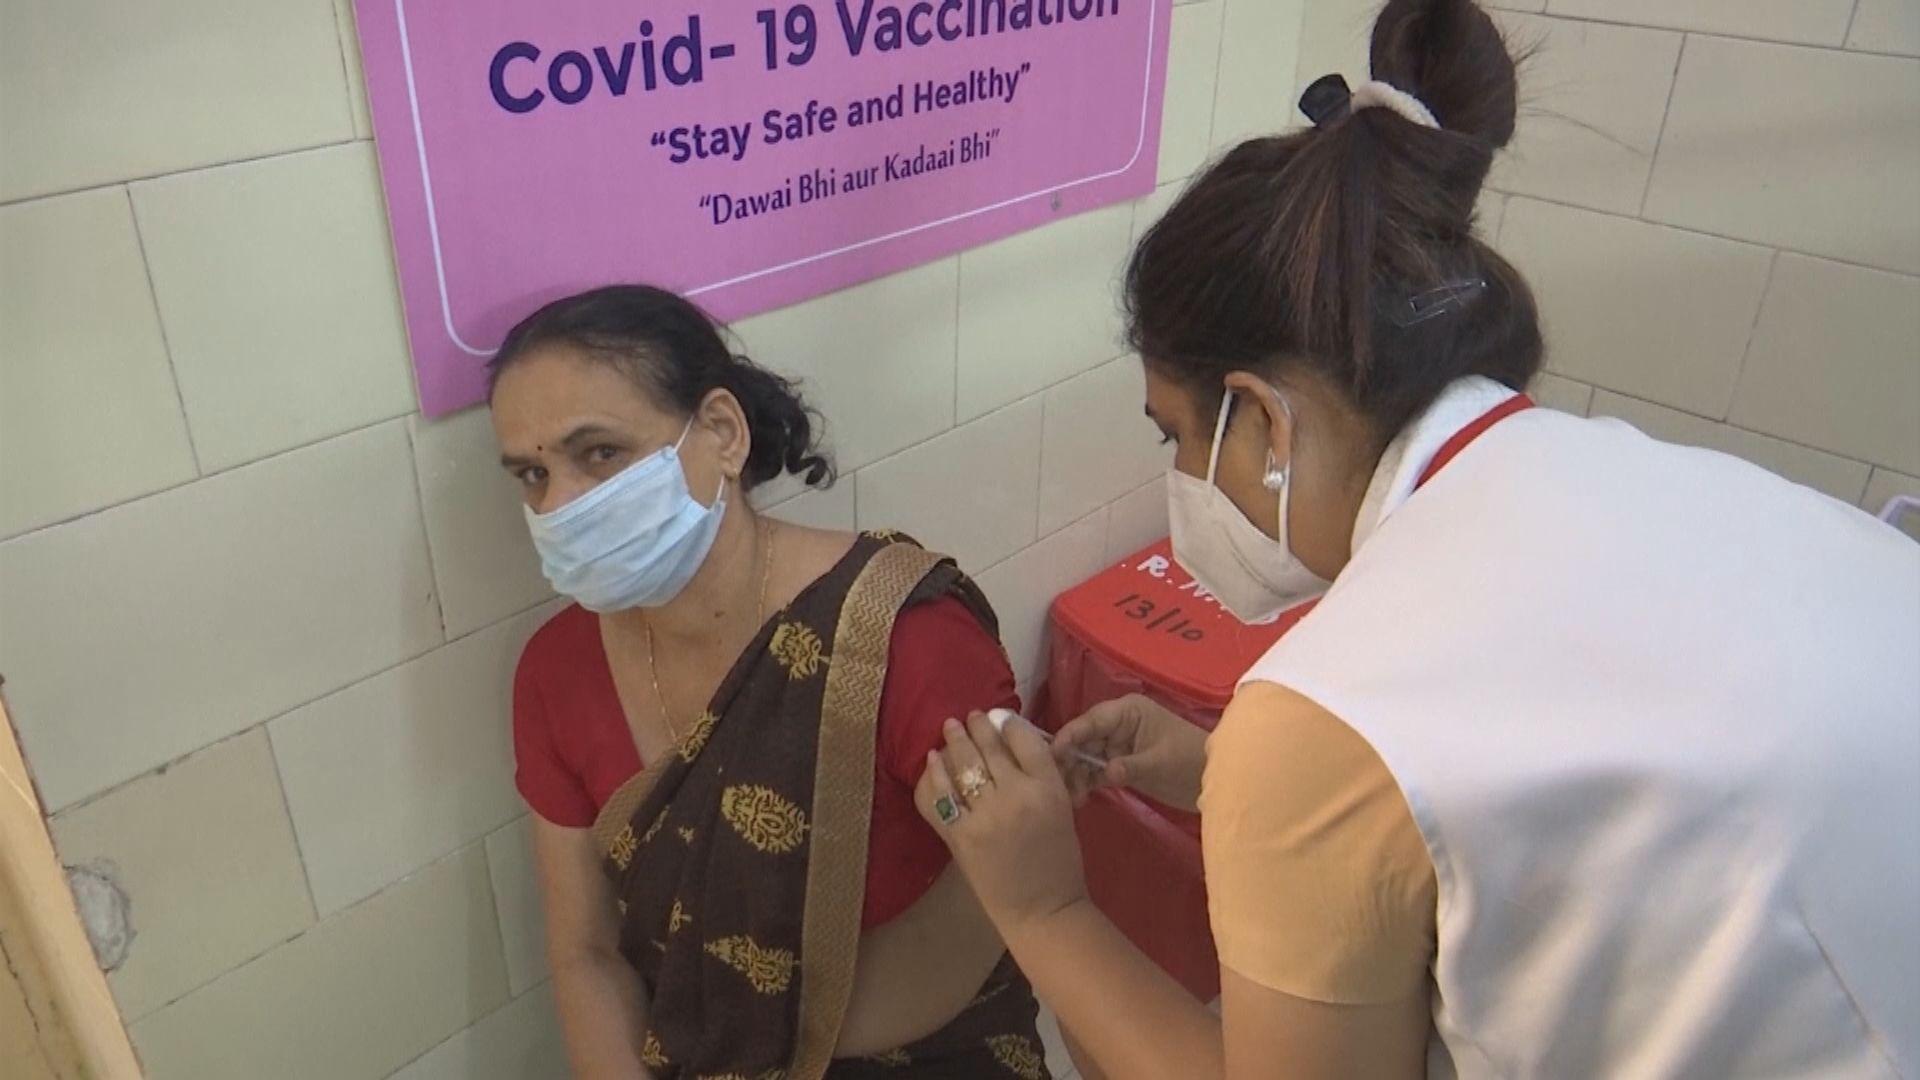 印度疫情嚴峻國內疫苗供不應求 影響為世衛供應疫苗